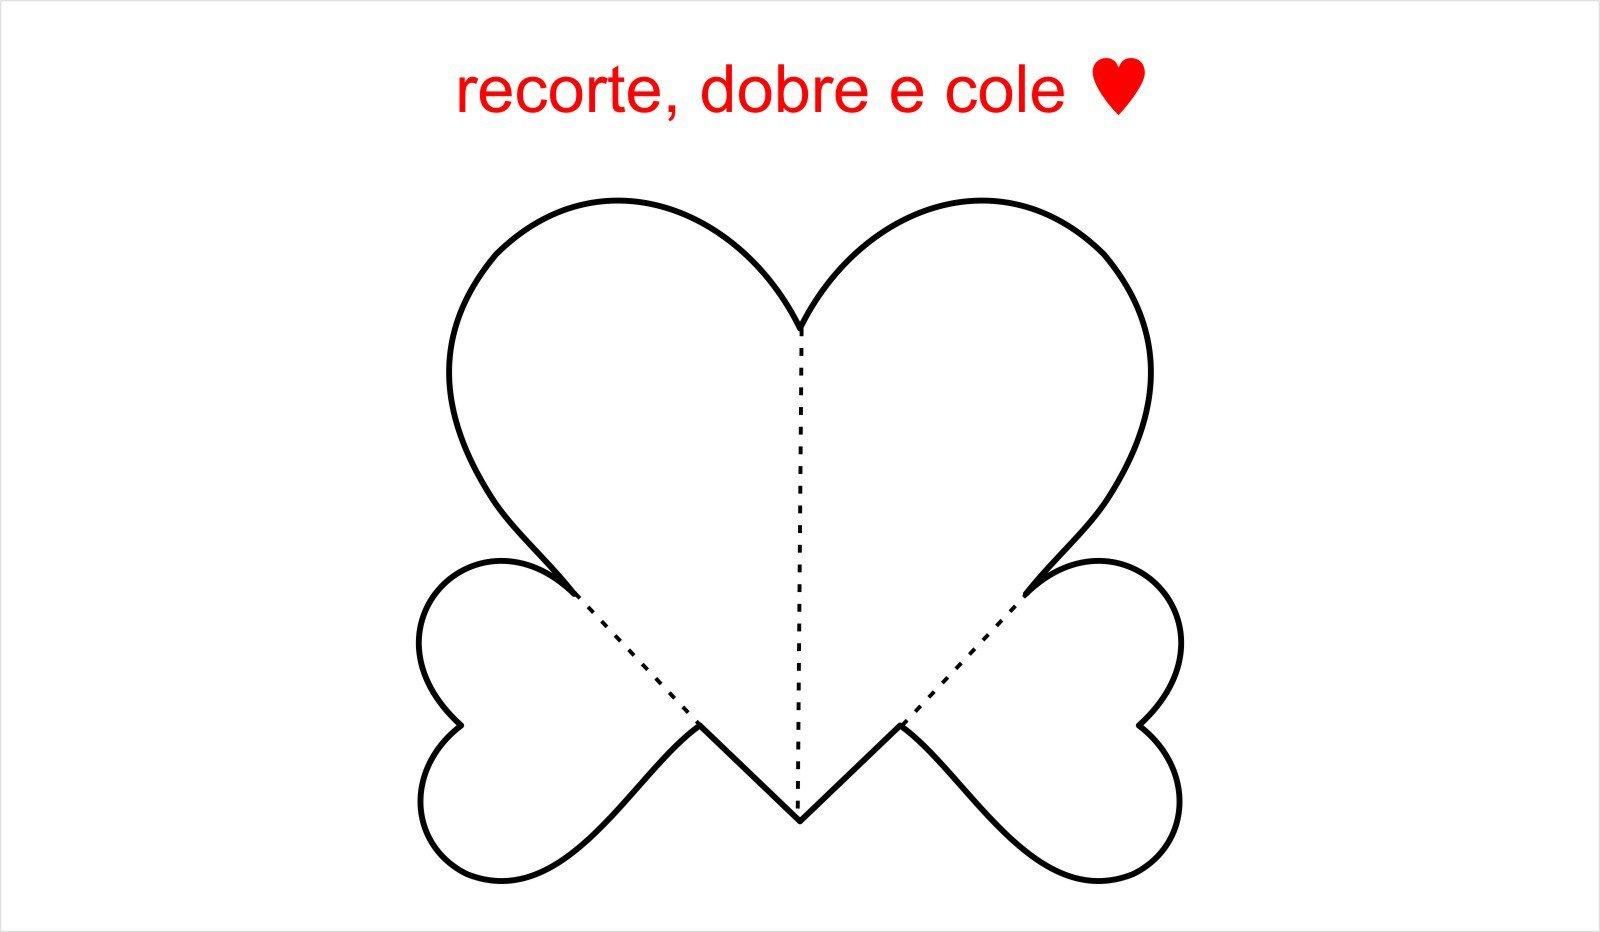 Molde De Coração Para Imprimir, Recortar